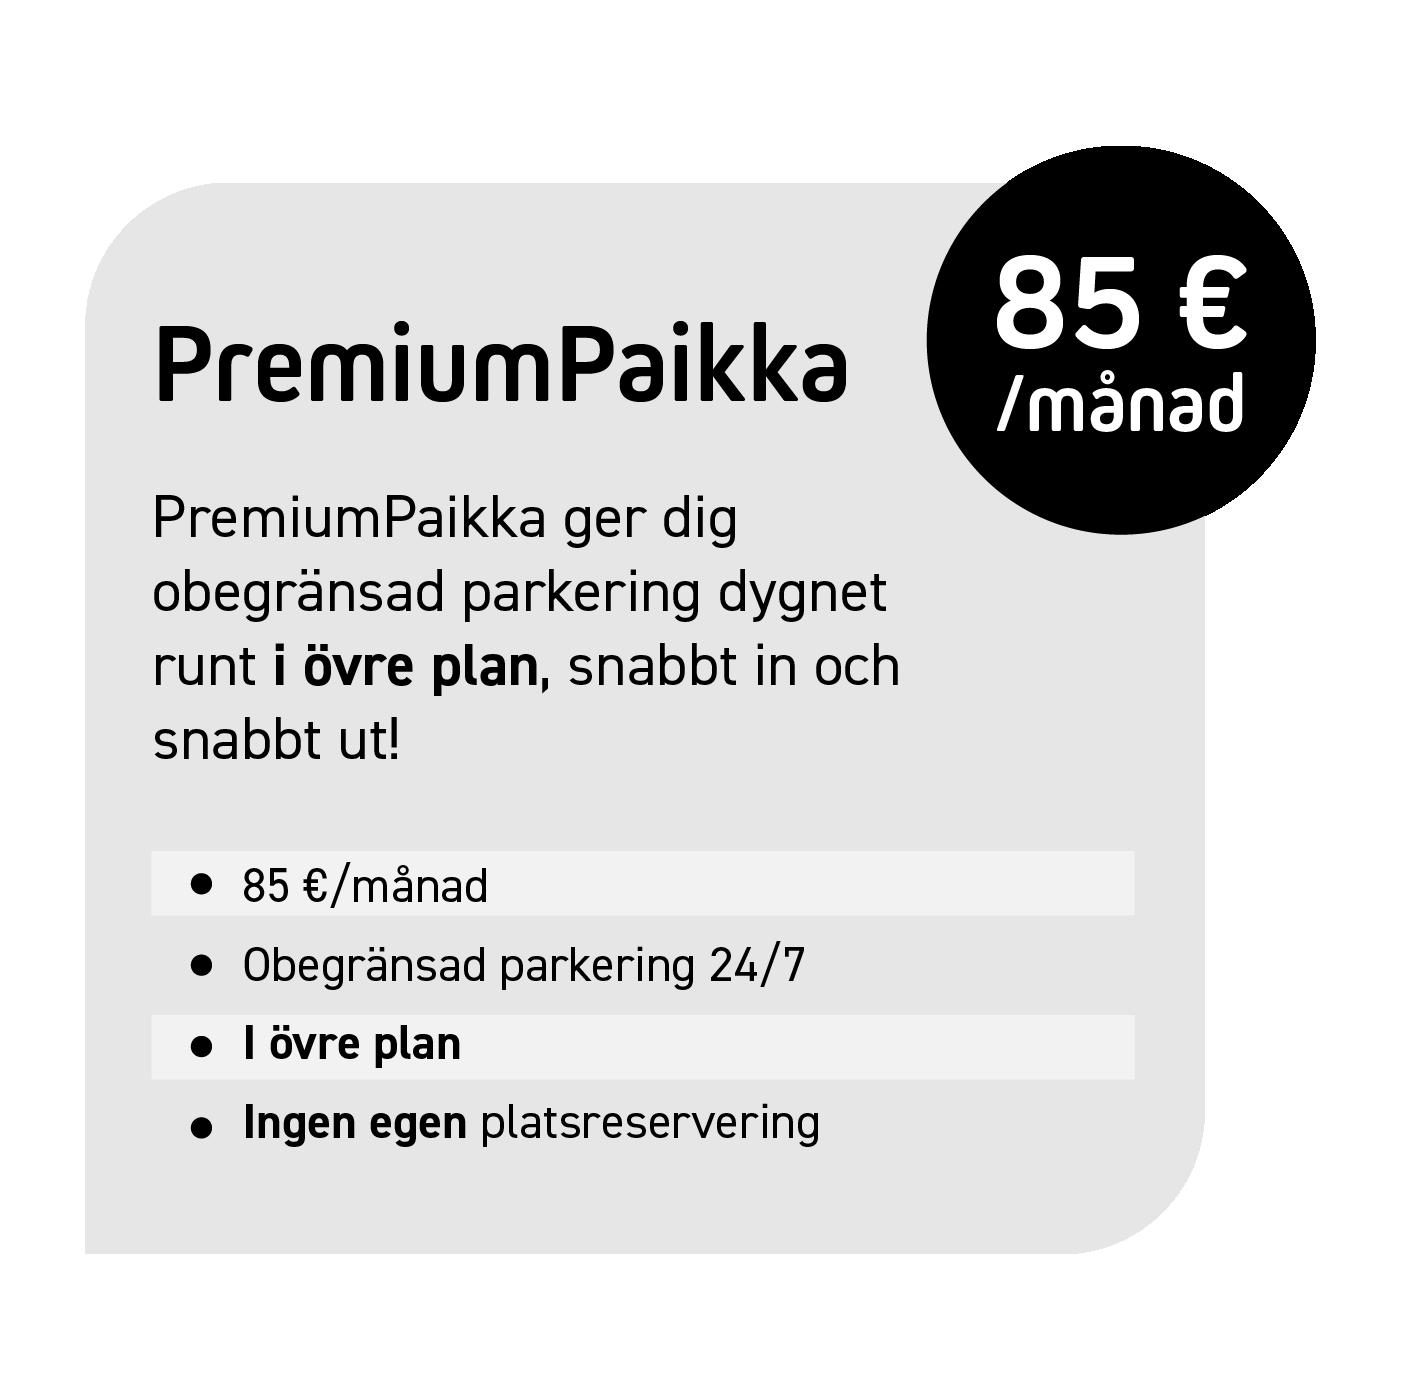 premiumpaikka.png